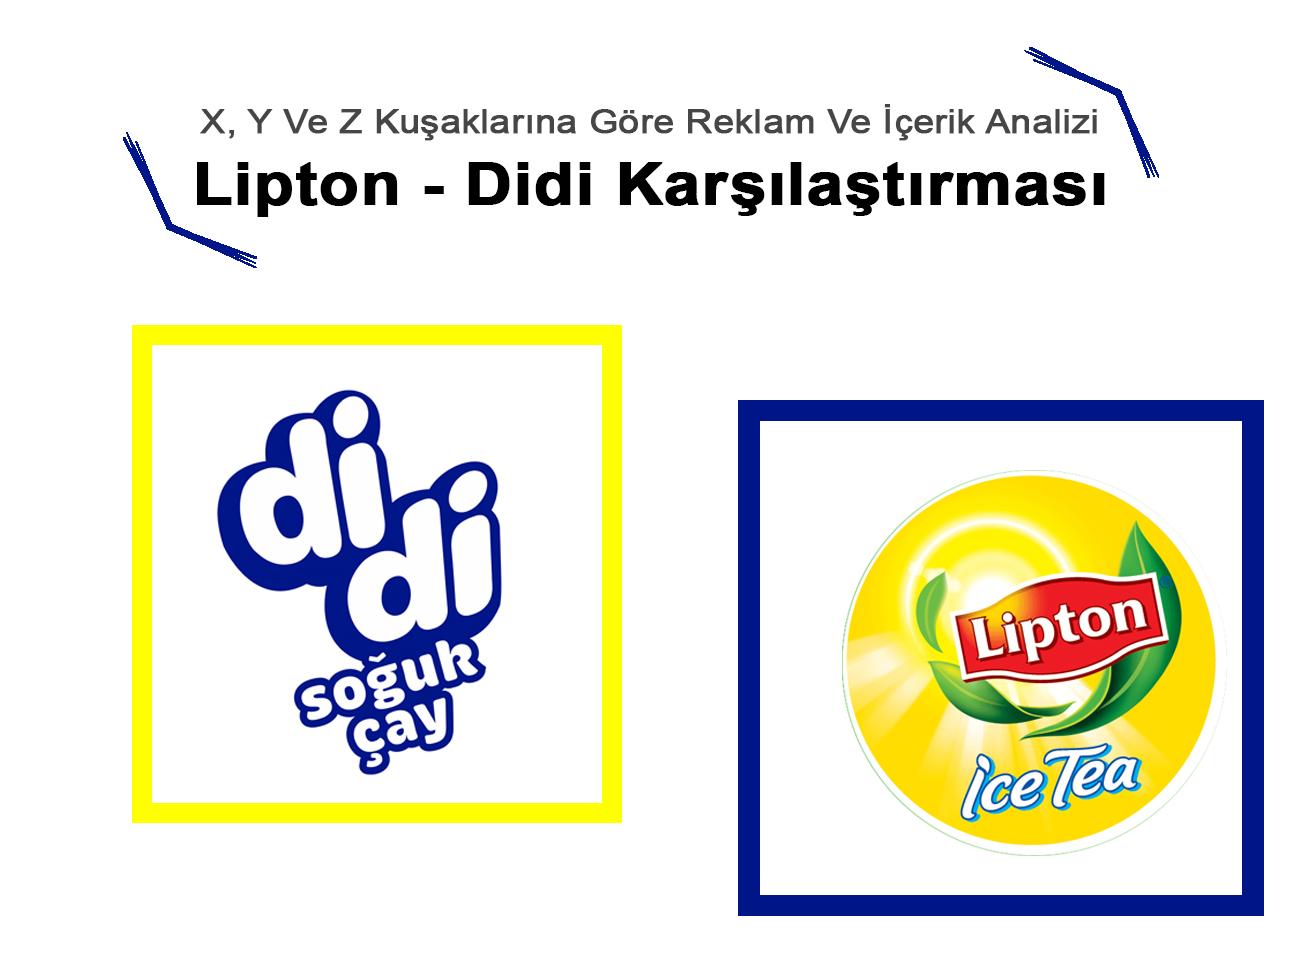 X, Y Ve Z Kuşaklarına Göre Reklam Ve İçerik Analizi: Lipton – Didi Karşılaştırması